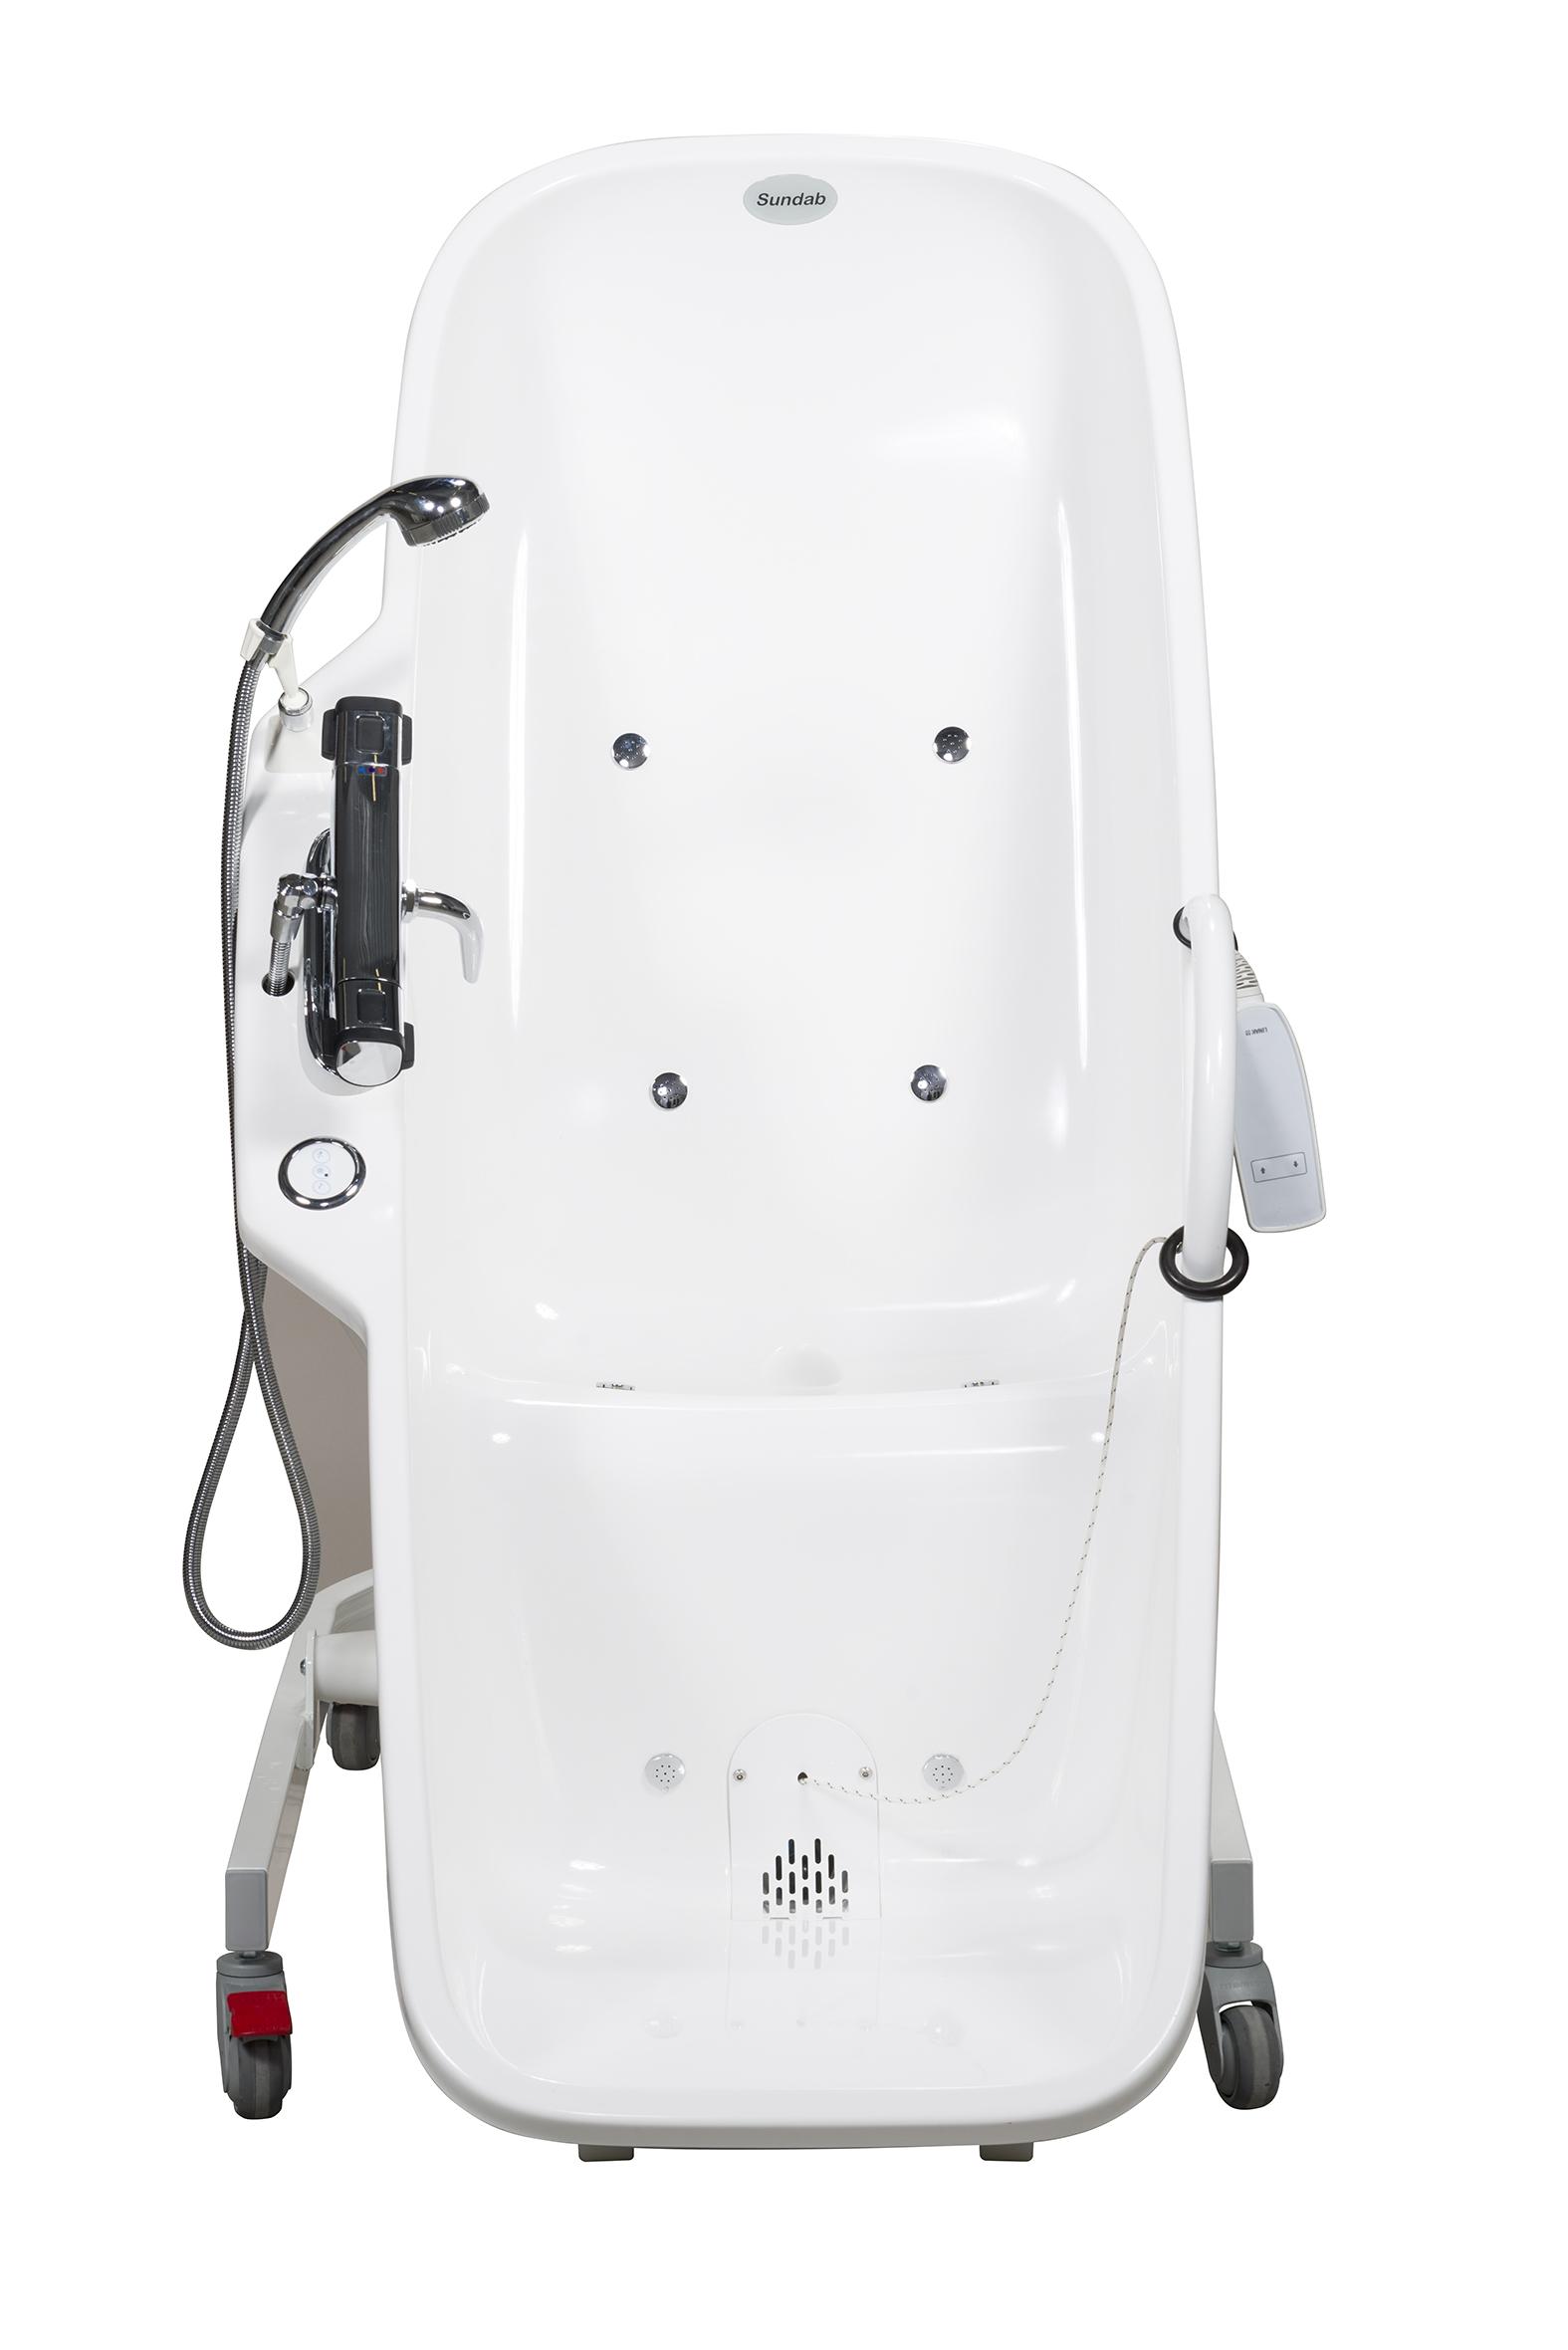 Instap zitbad met whirlpool